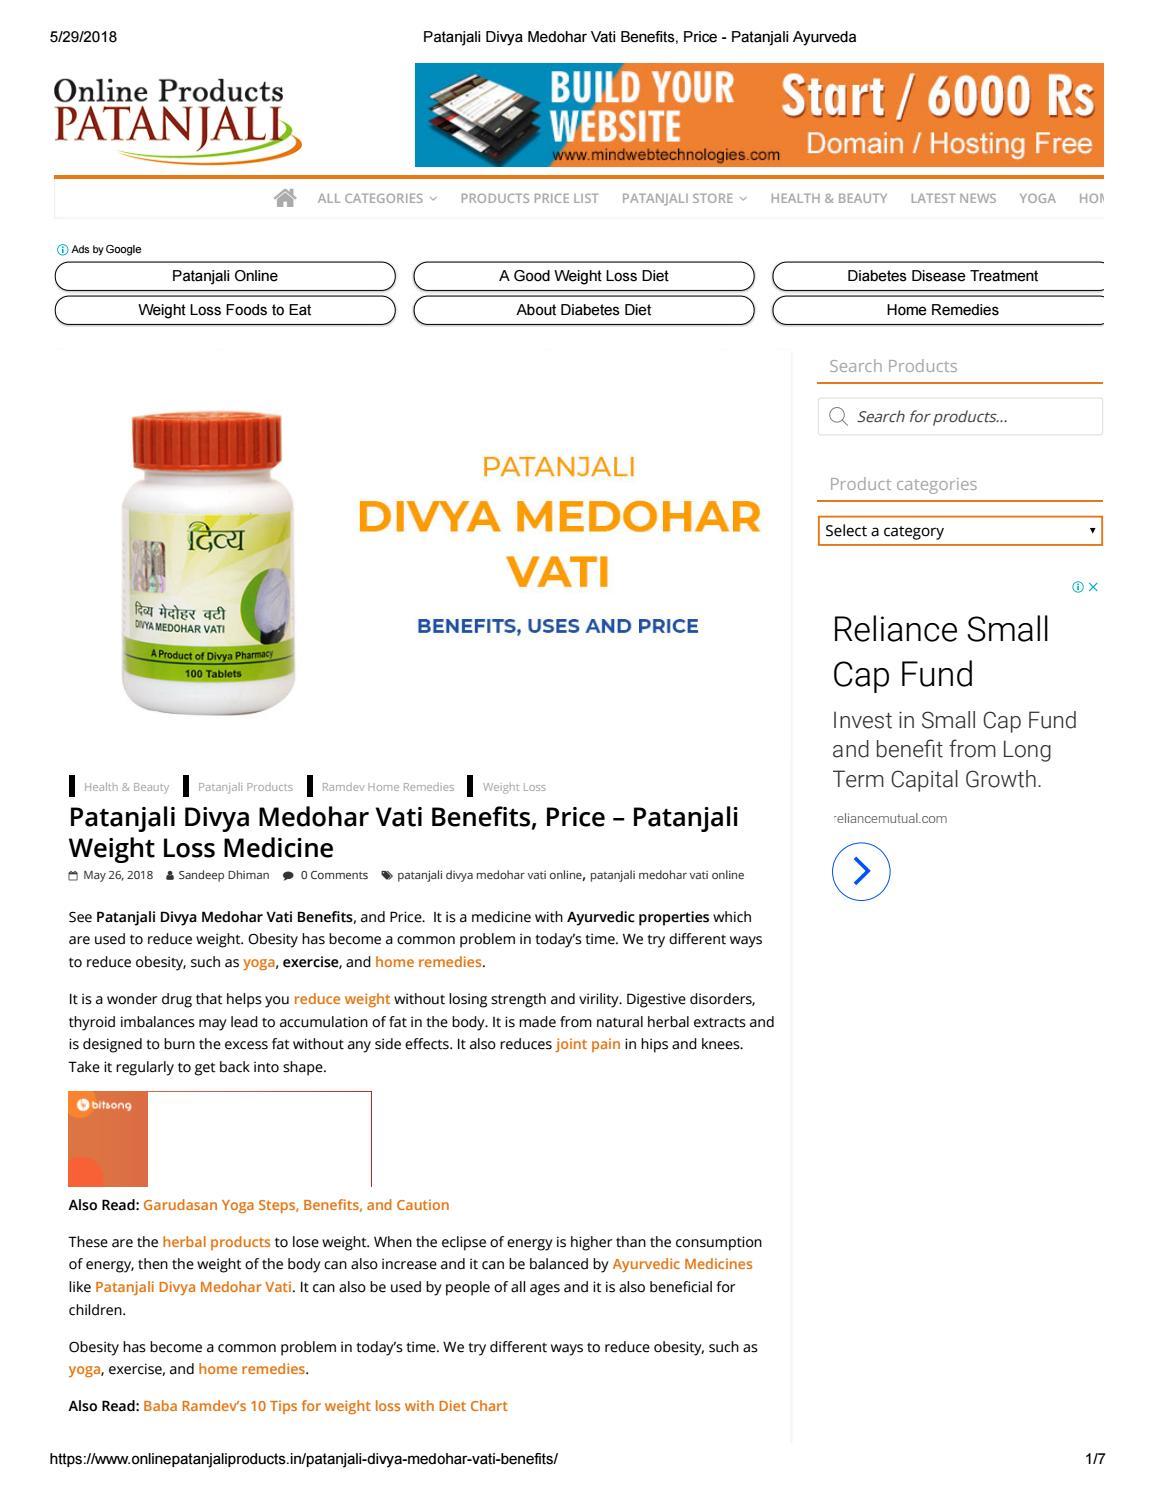 Patanjali Divya Medohar Vati Benefits Price Patanjali Ayurveda By